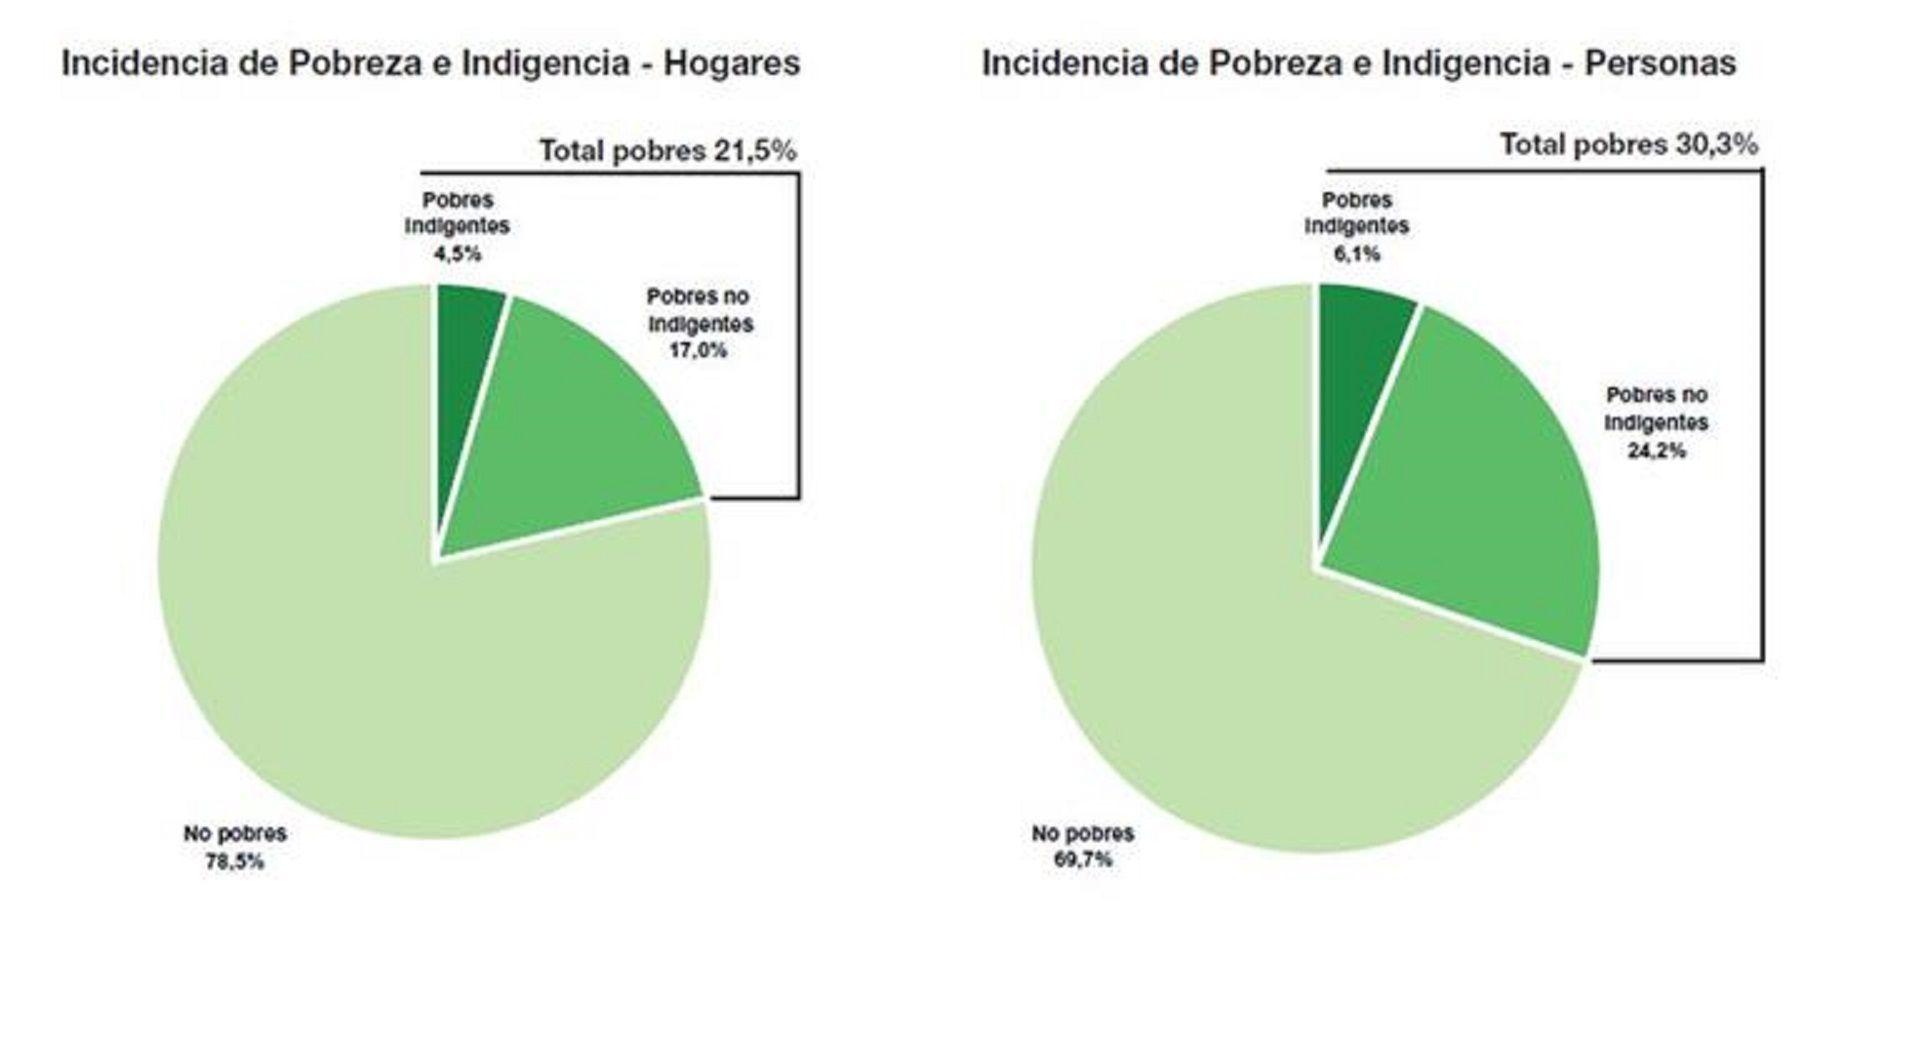 Cómo es la distribución geográfica de la pobreza en Argentina